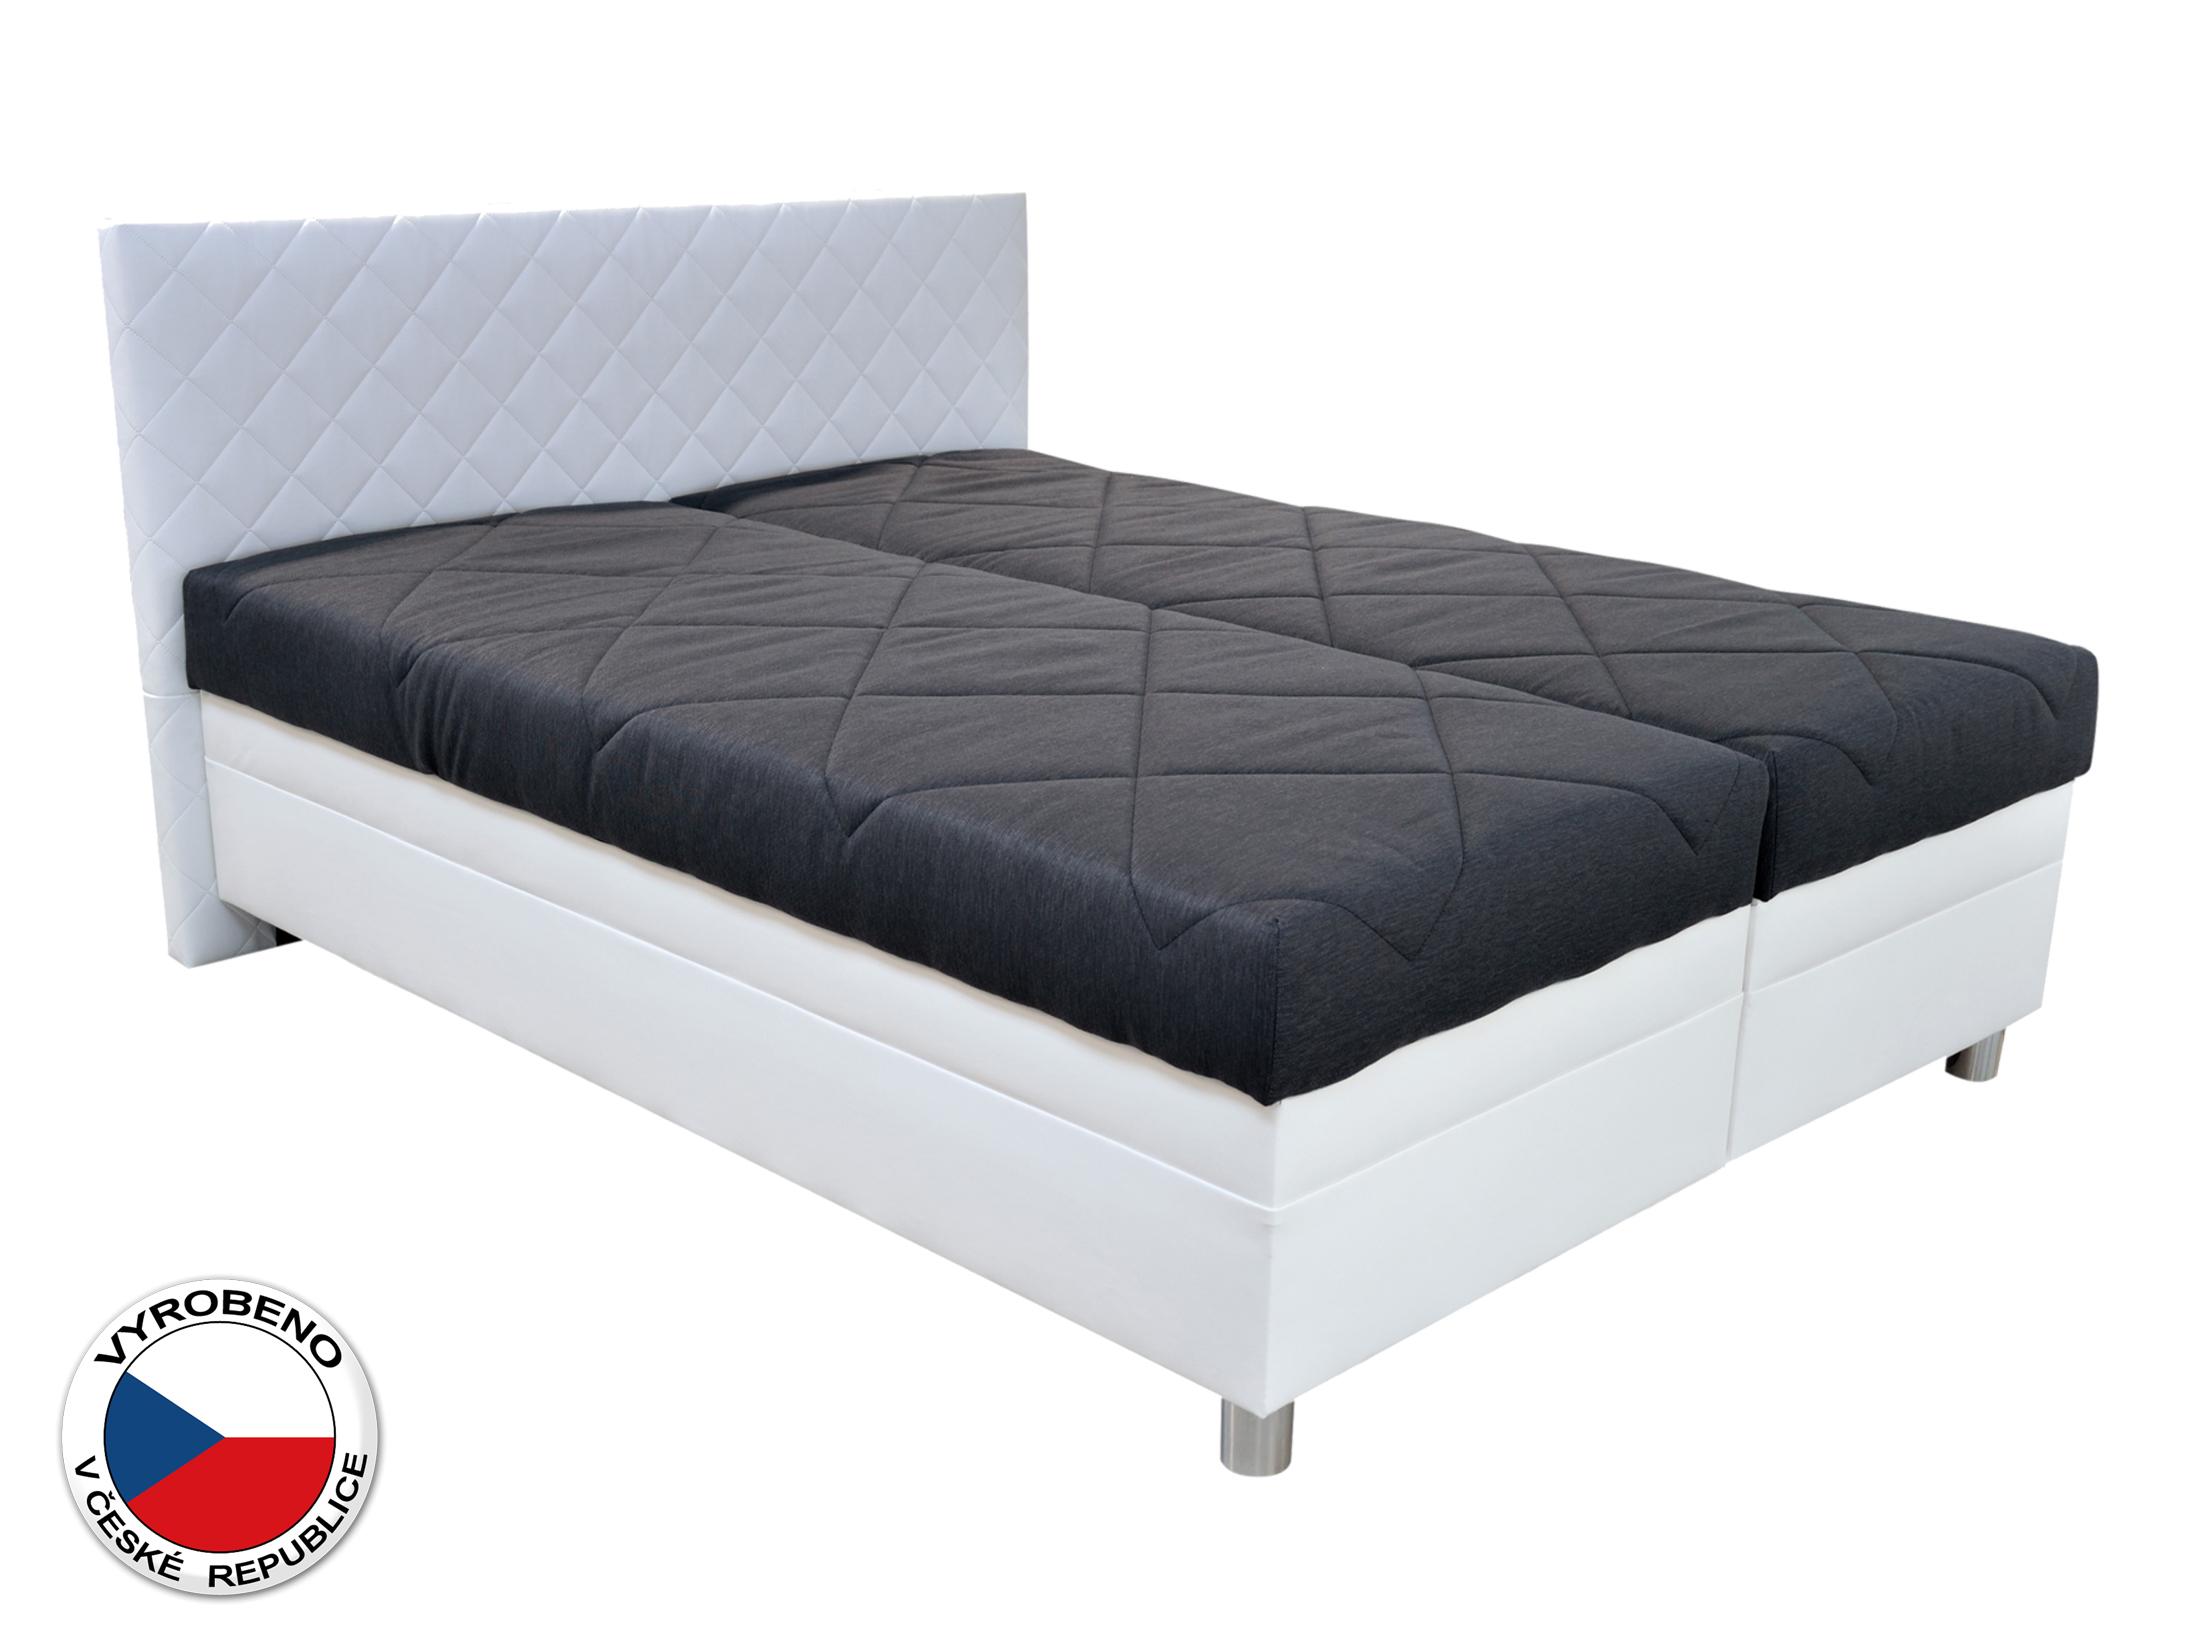 Manželská postel 160 cm - Blanář - Petigo (černá + bílá) (s rošty a matracemi)